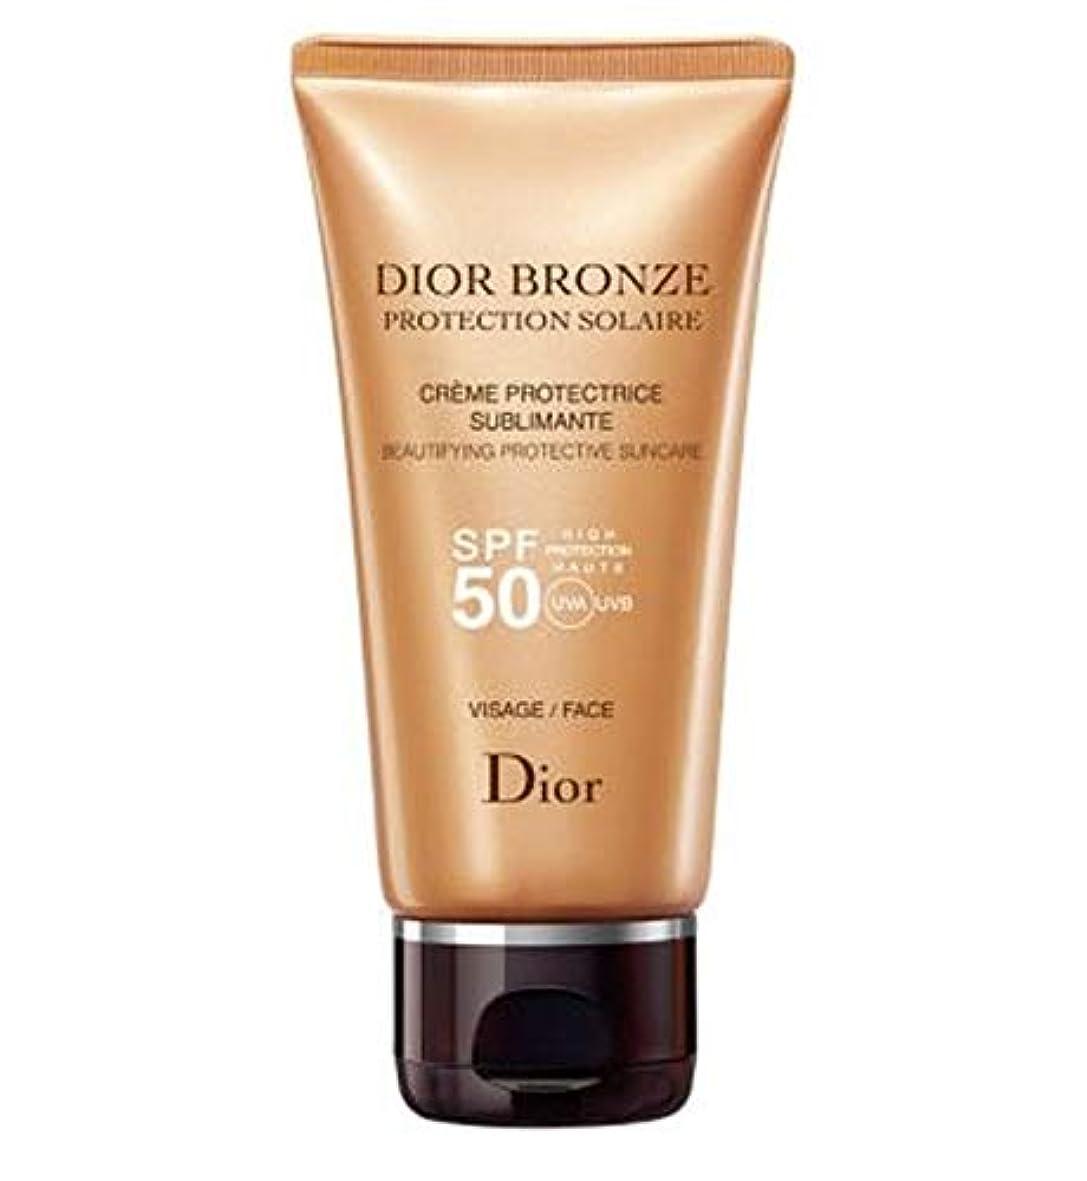 考え共和党草[Dior] ディオールブロンズ日の保護高い保護クリームSpf50顔 - 50ミリリットル - Dior Bronze Sun Protection High Protection Cream Spf50 Face - 50ml [並行輸入品]